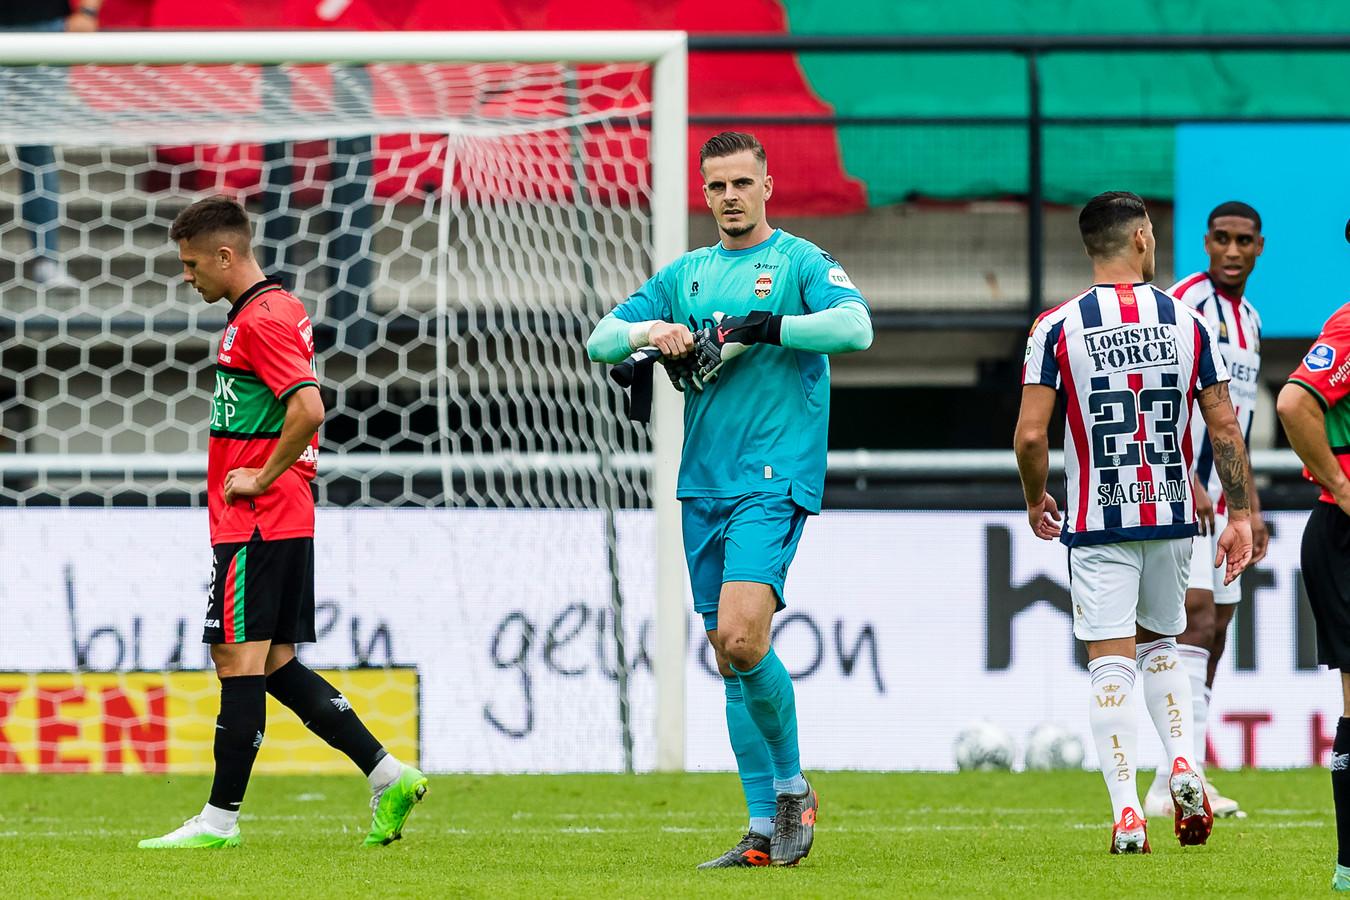 Jorn Brondeel verlaat het veld nadat hij een rode kaart heeft gekregen in de wedstrijd tegen NEC.